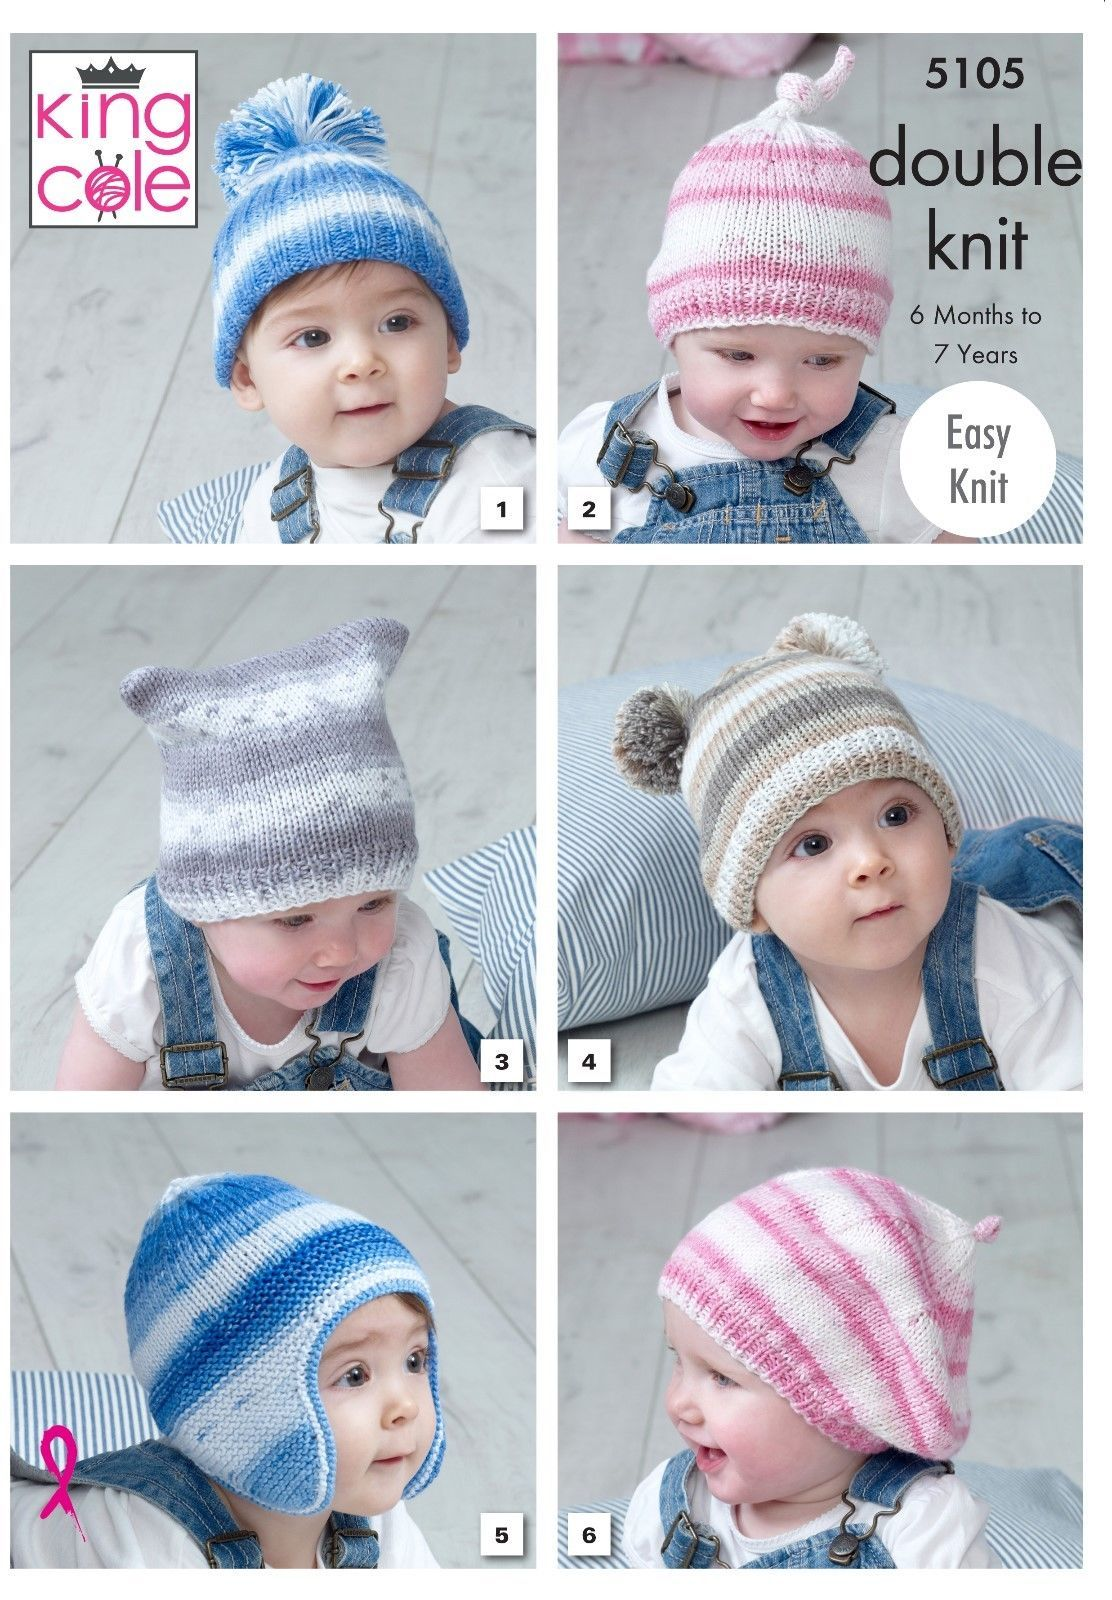 Kingcole 5105 hats knitting pattern 6mths7years not